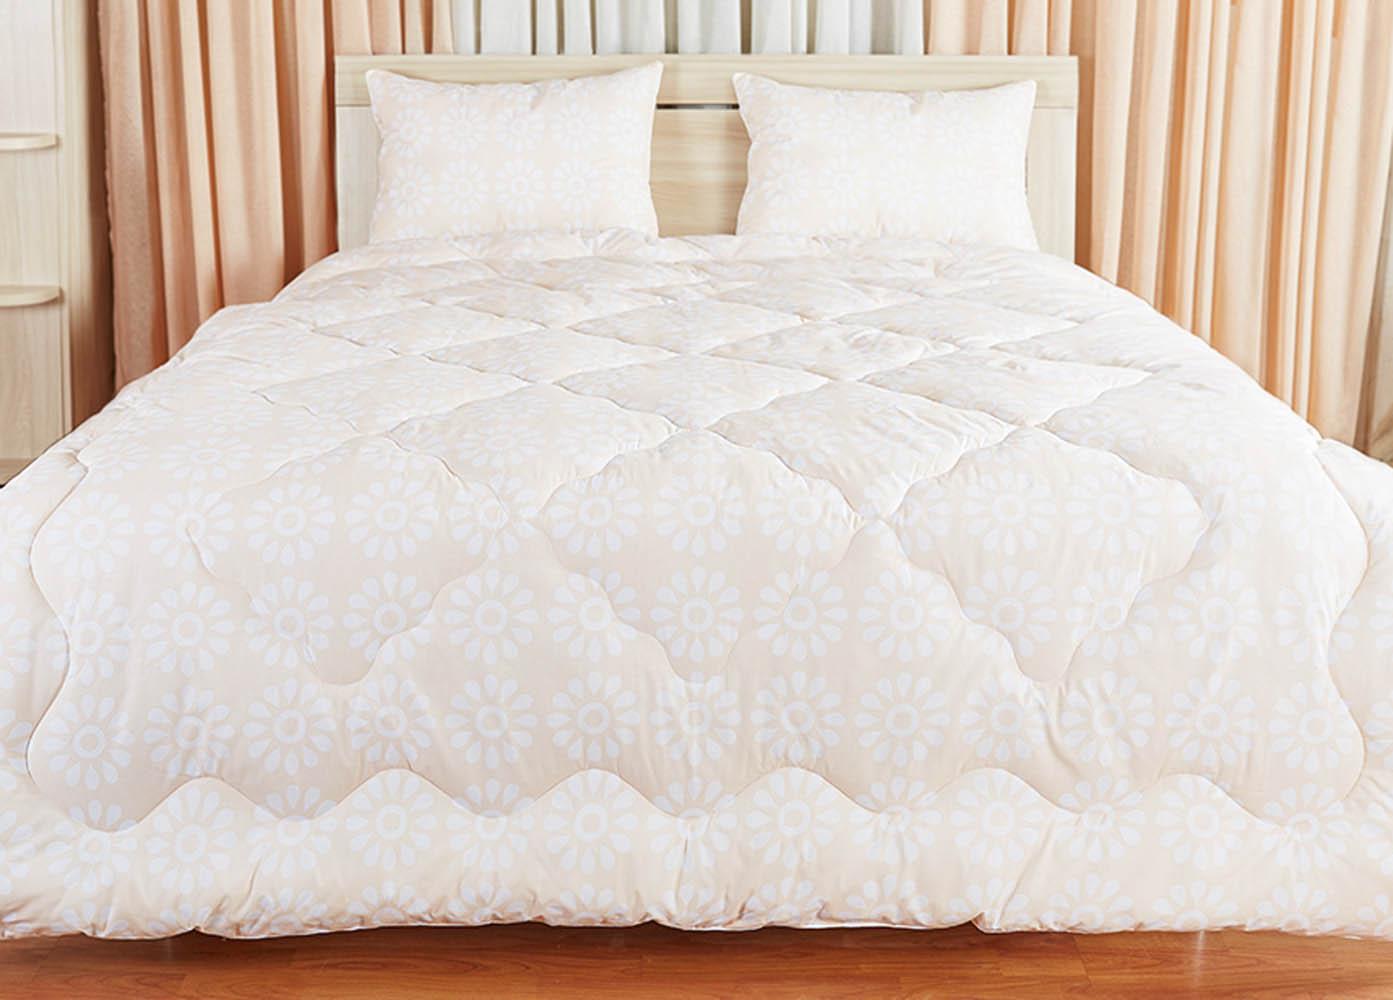 Одеяла Подушкино Одеяло Влада  (172х205 см) одеяло dolly 172 см х 205 см